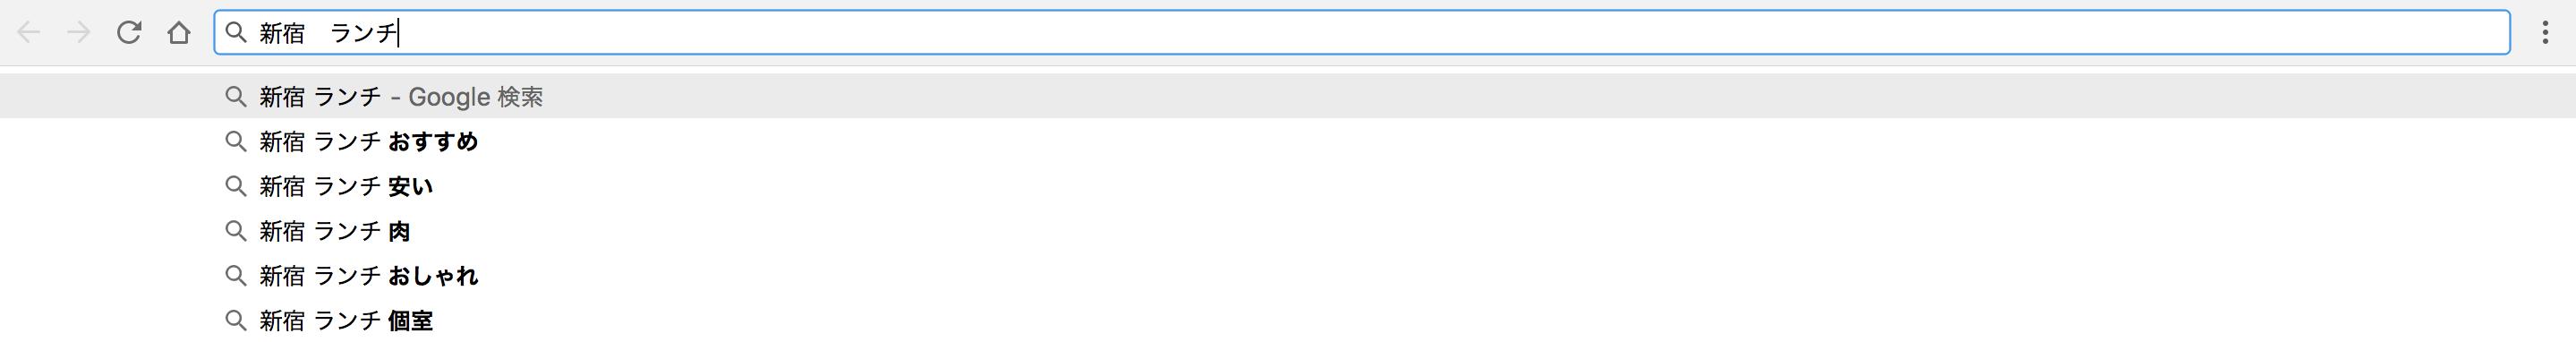 検索ボックスに入力する例